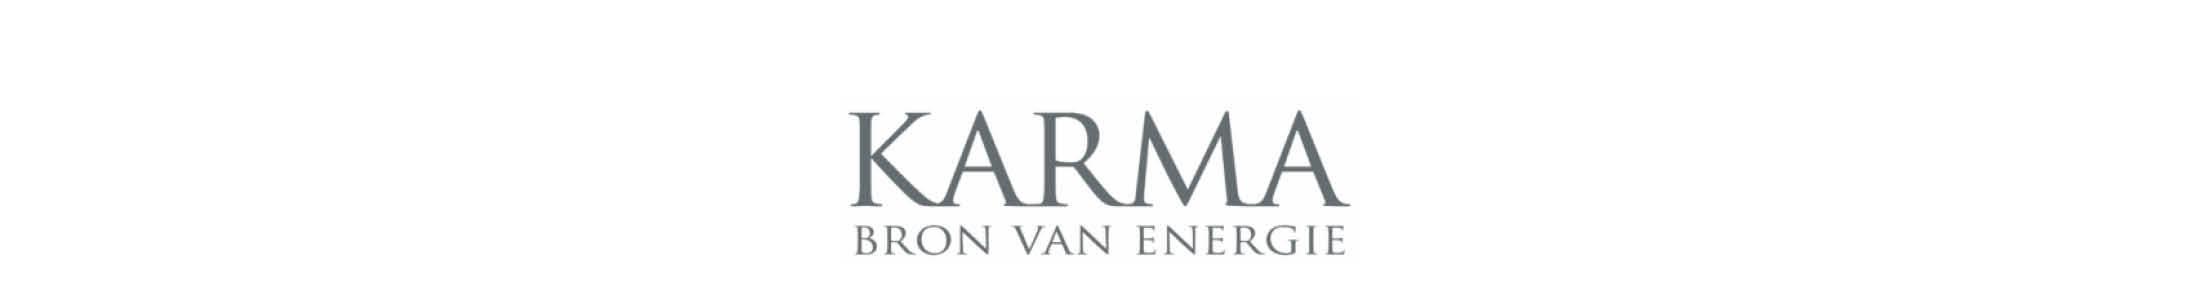 Karma, Bron van Energie